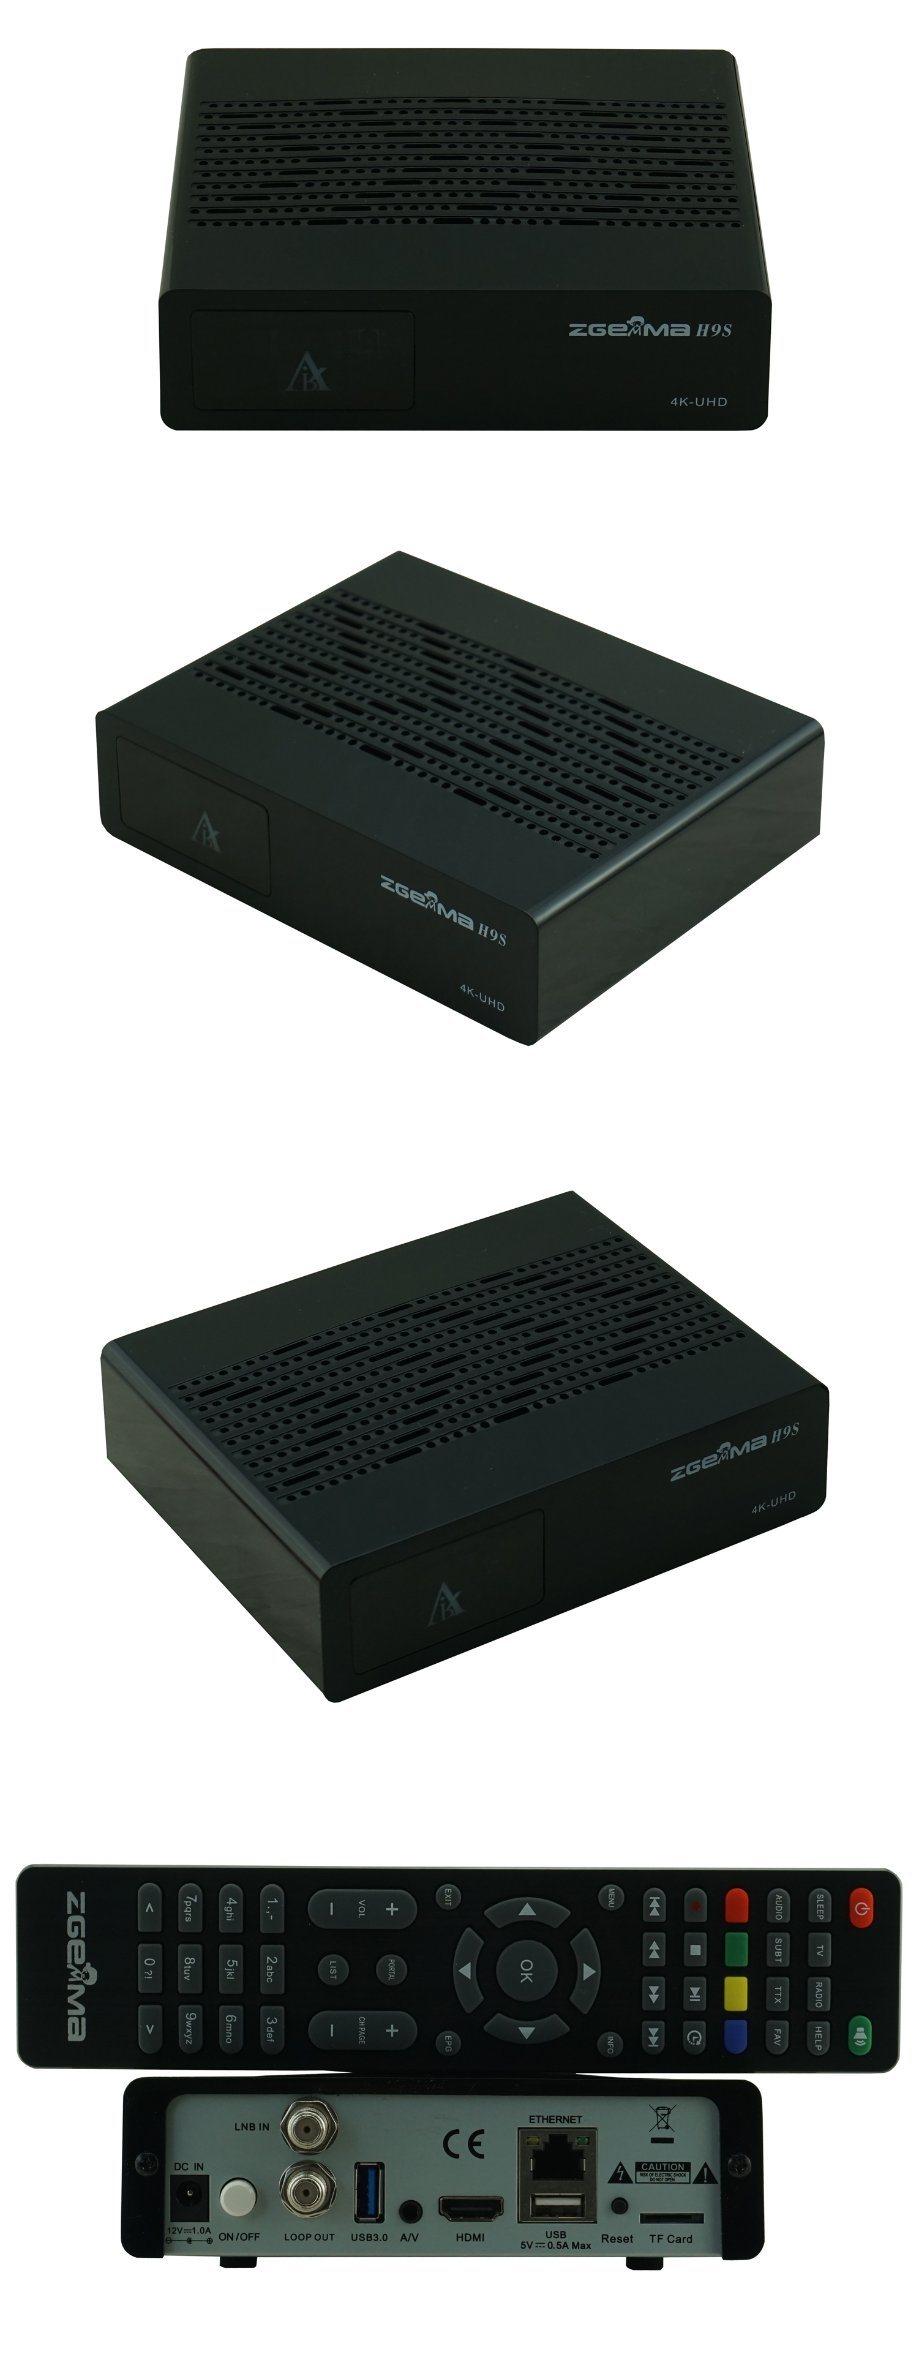 Zgemma H9s 4K UHD TV Box Linux OS E2 DVB-S2X Satellite Tuner Support Qt Stalker IPTV Play